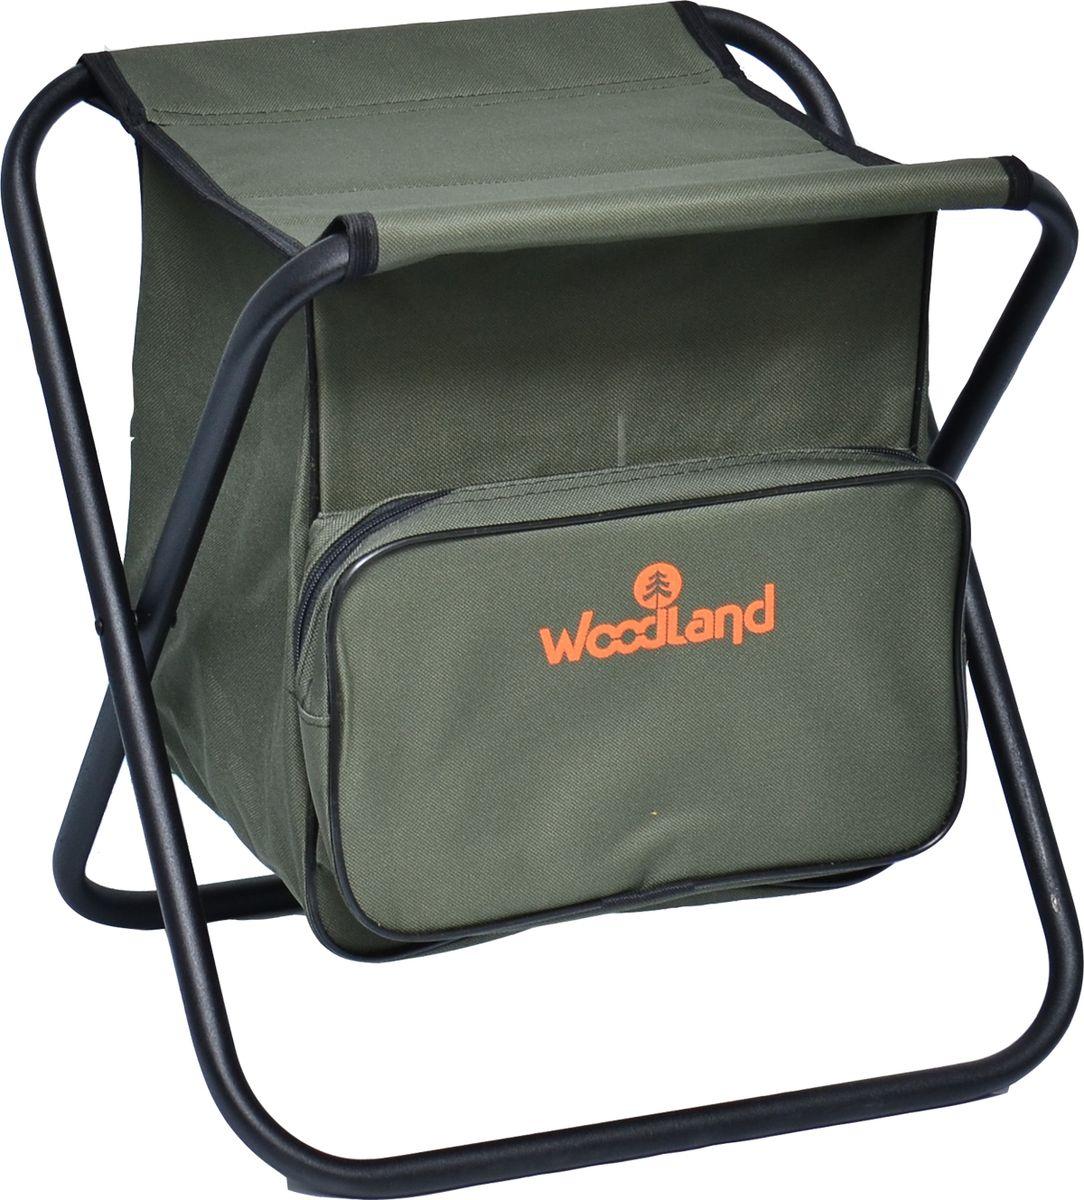 Стул Woodland Compact BAG складной, кемпинговый 38,5 x 32,5 х 40 см, цвет: зеленый. 0055543 ( 0055543 )